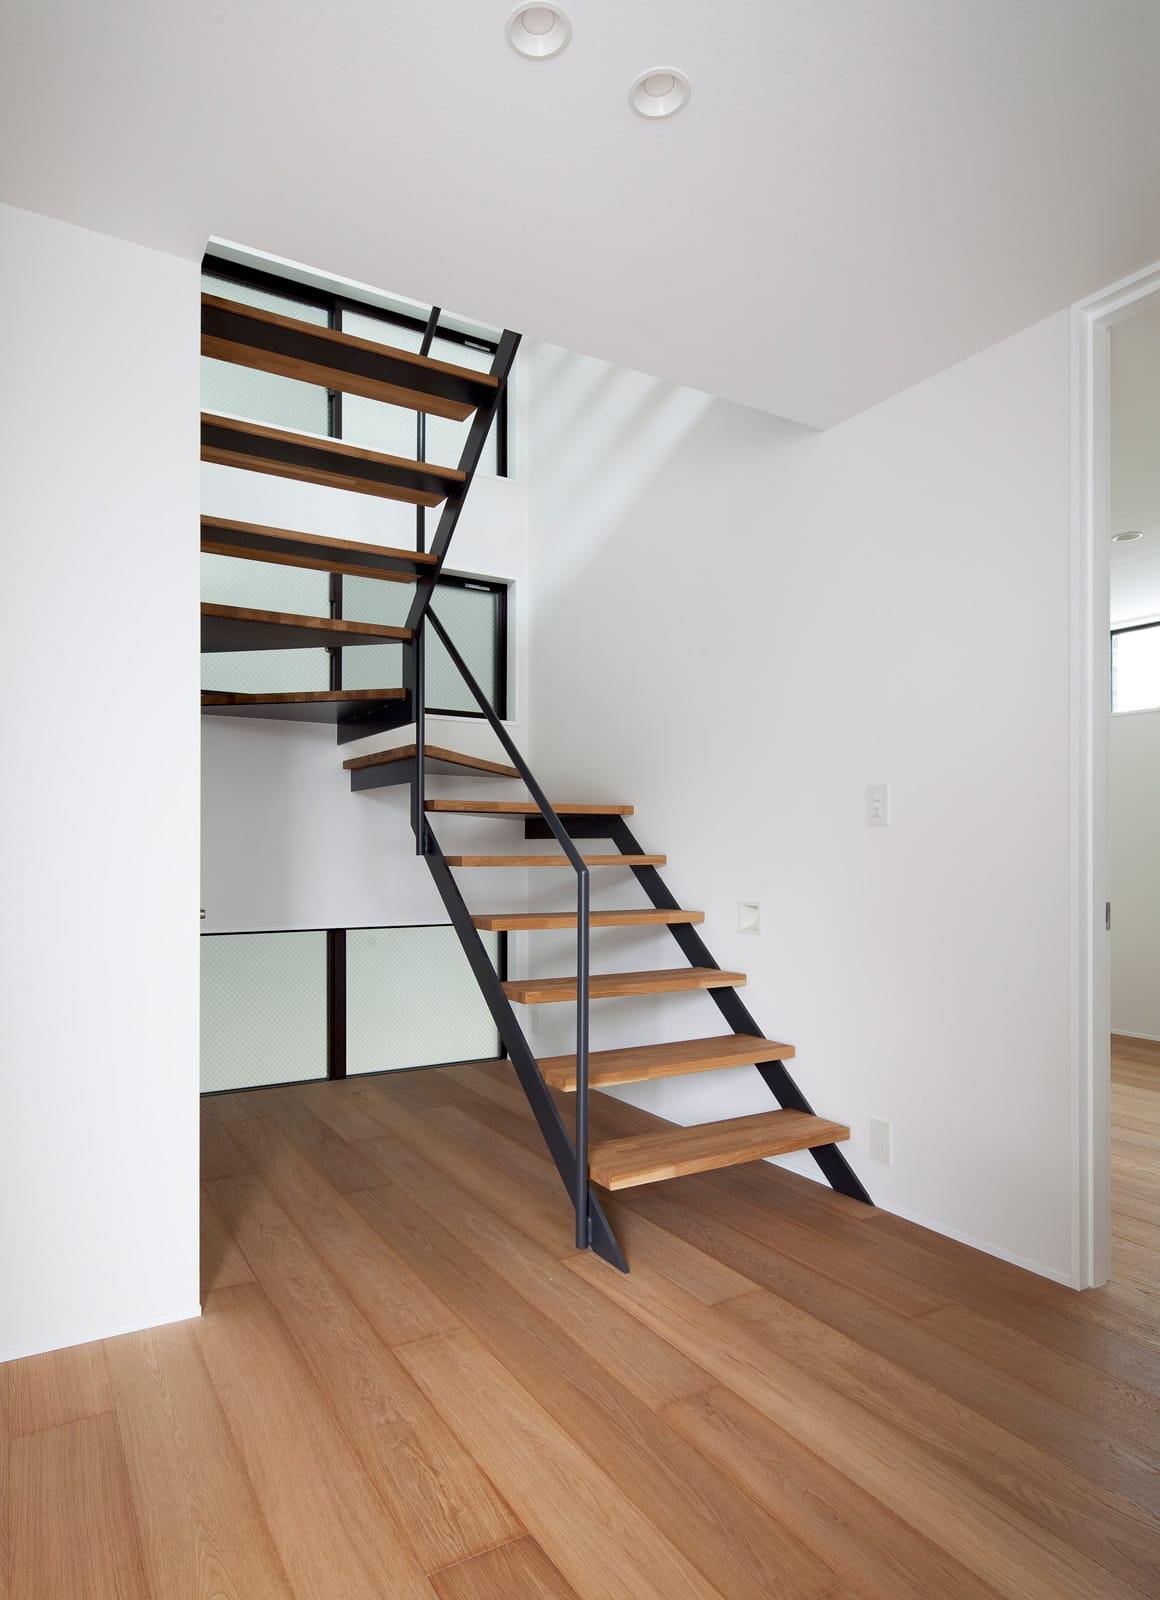 屋上とつながる吹抜リビングの家の階段(鉄骨製)2